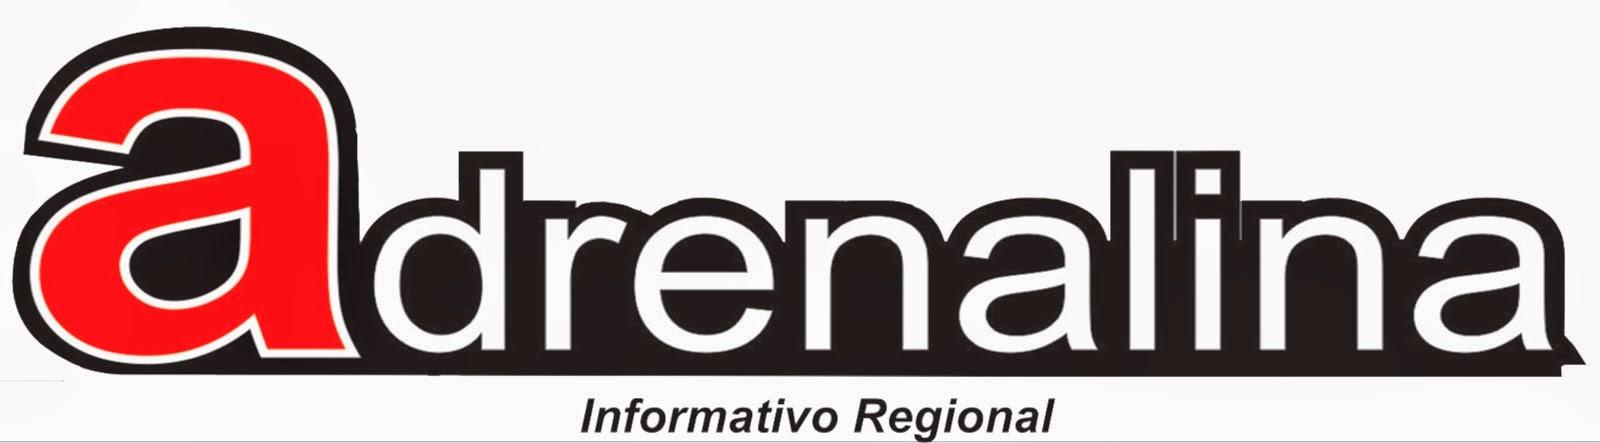 Información Regional